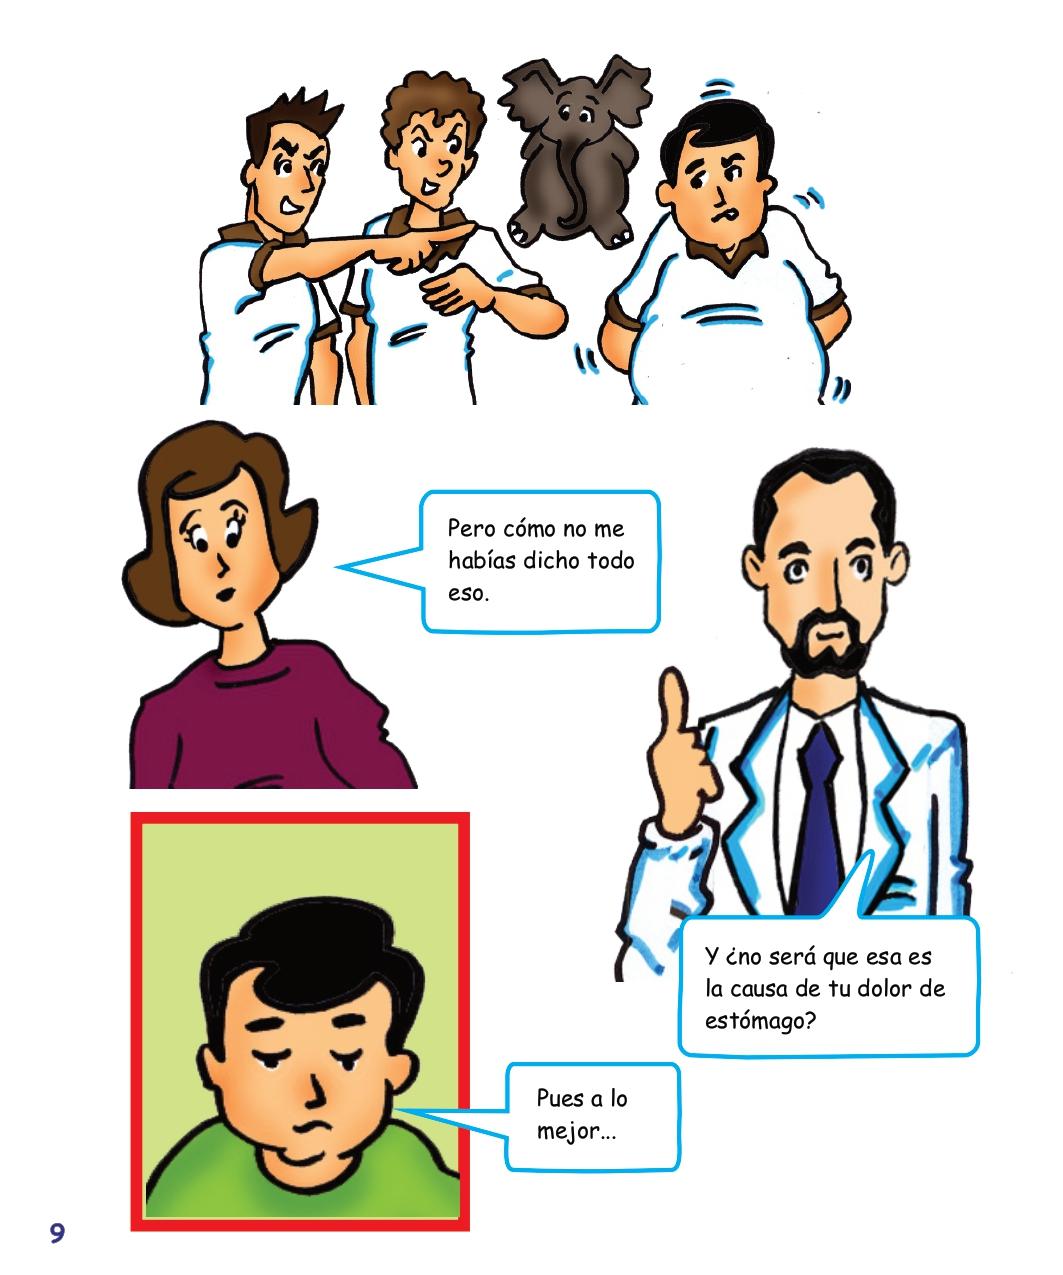 Psicología padres Reyhan cap3 digital_page-0012